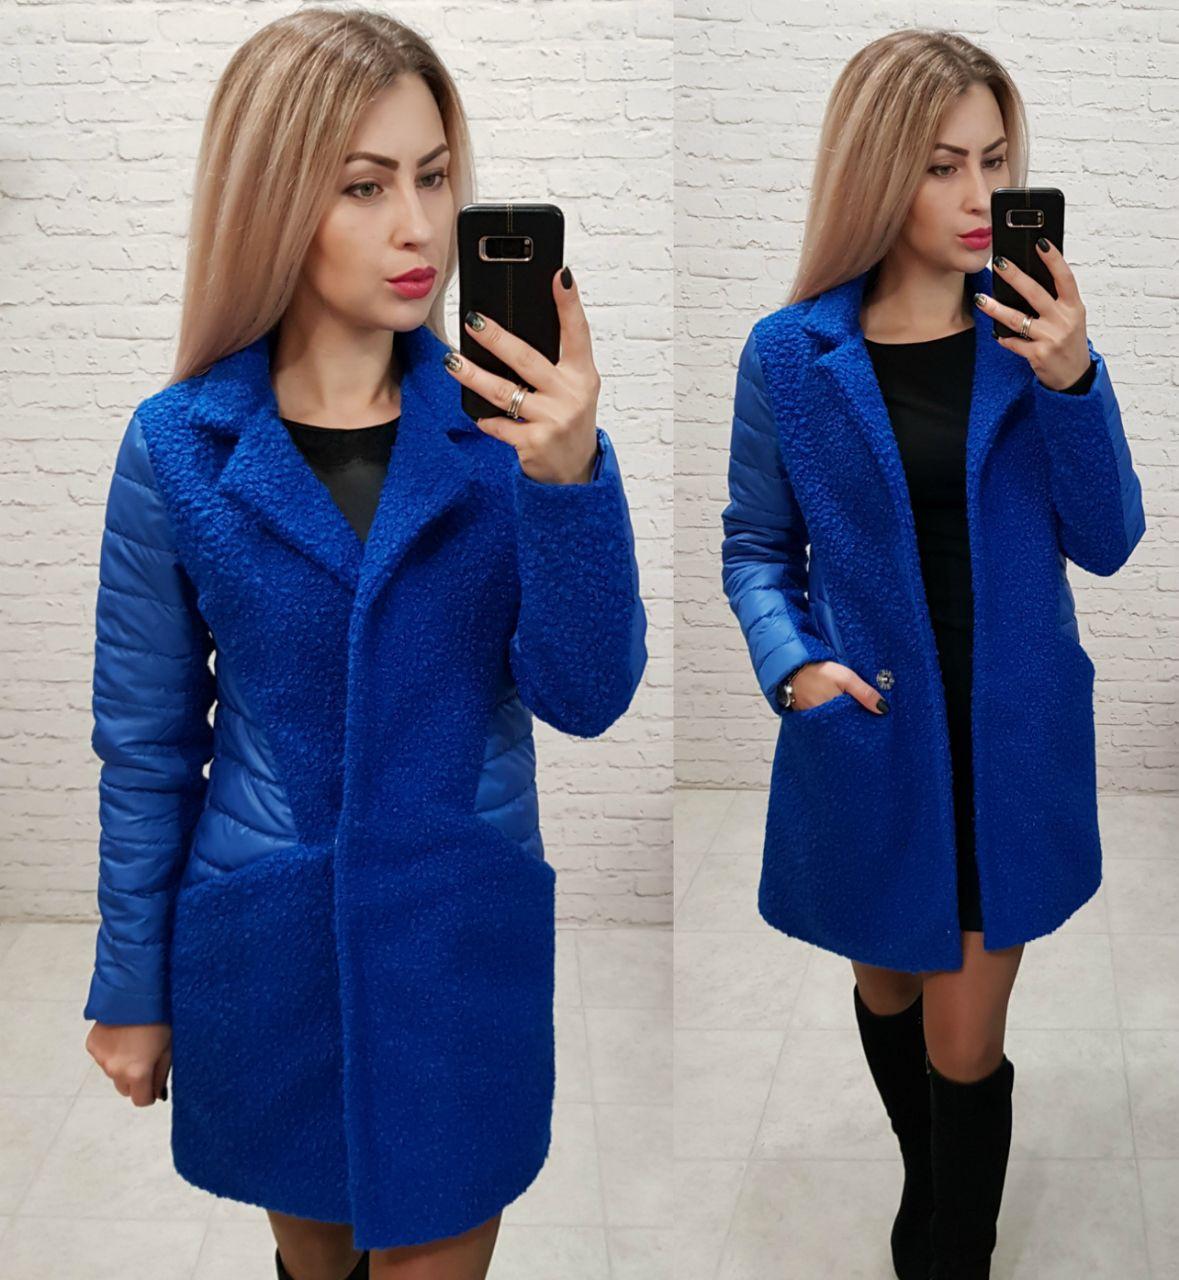 Пальто женское, букле, модель 821, цвет - электрик